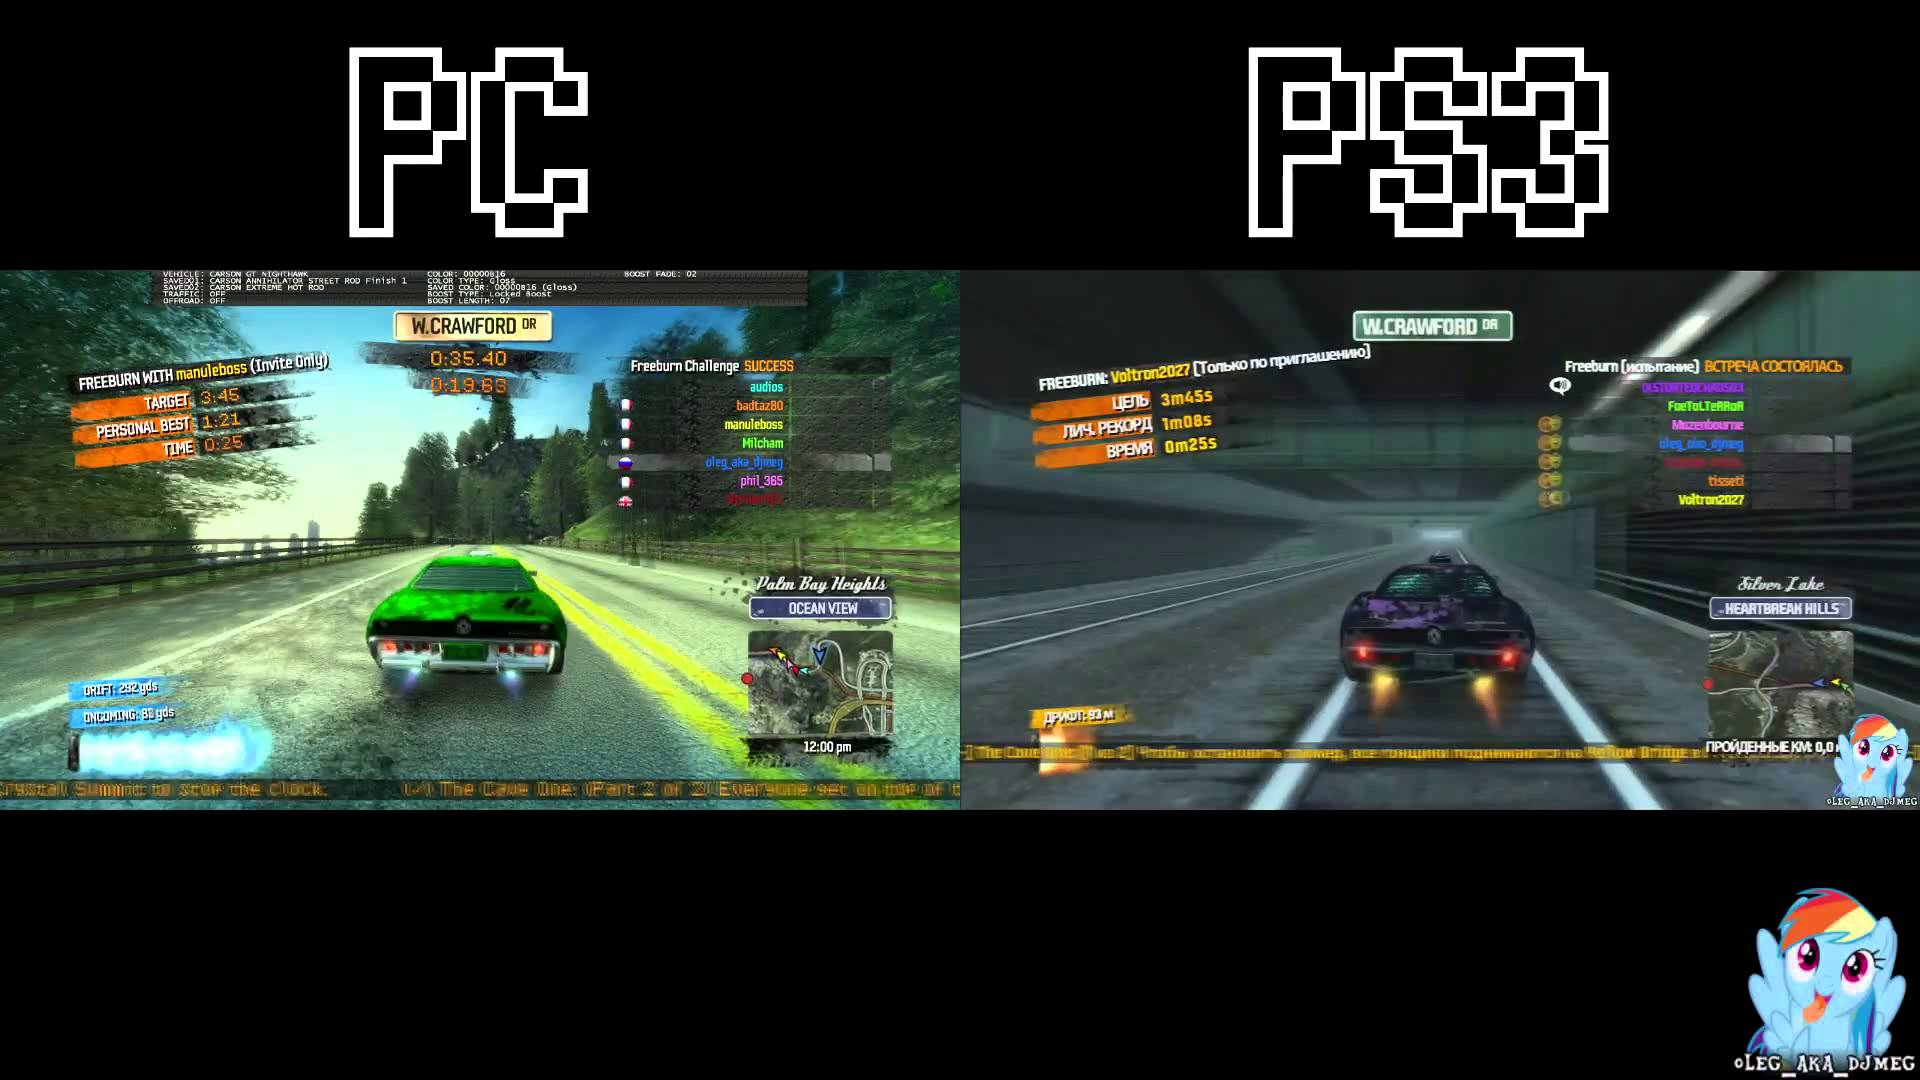 Burnout Paradise wallpapers, Video Game, HQ Burnout Paradise